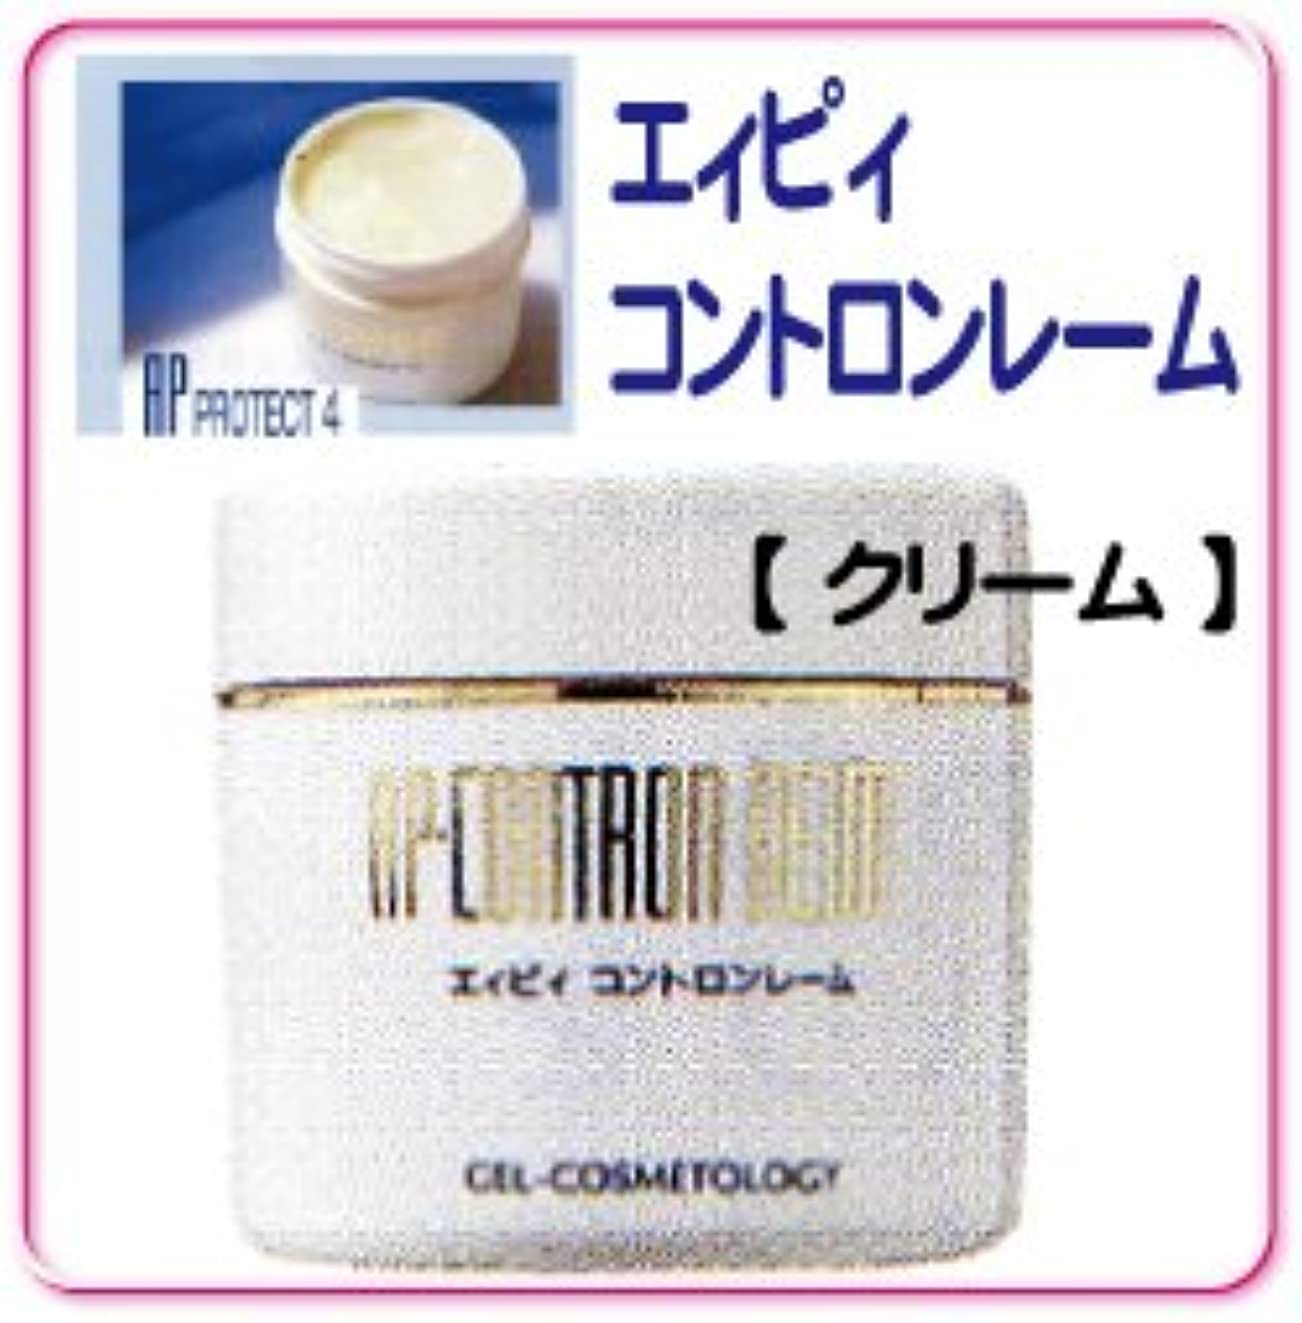 重なる時折ノベルティベルマン化粧品 APprotectシリーズ  コントロンレーム  敏感肌用クリーム 110g